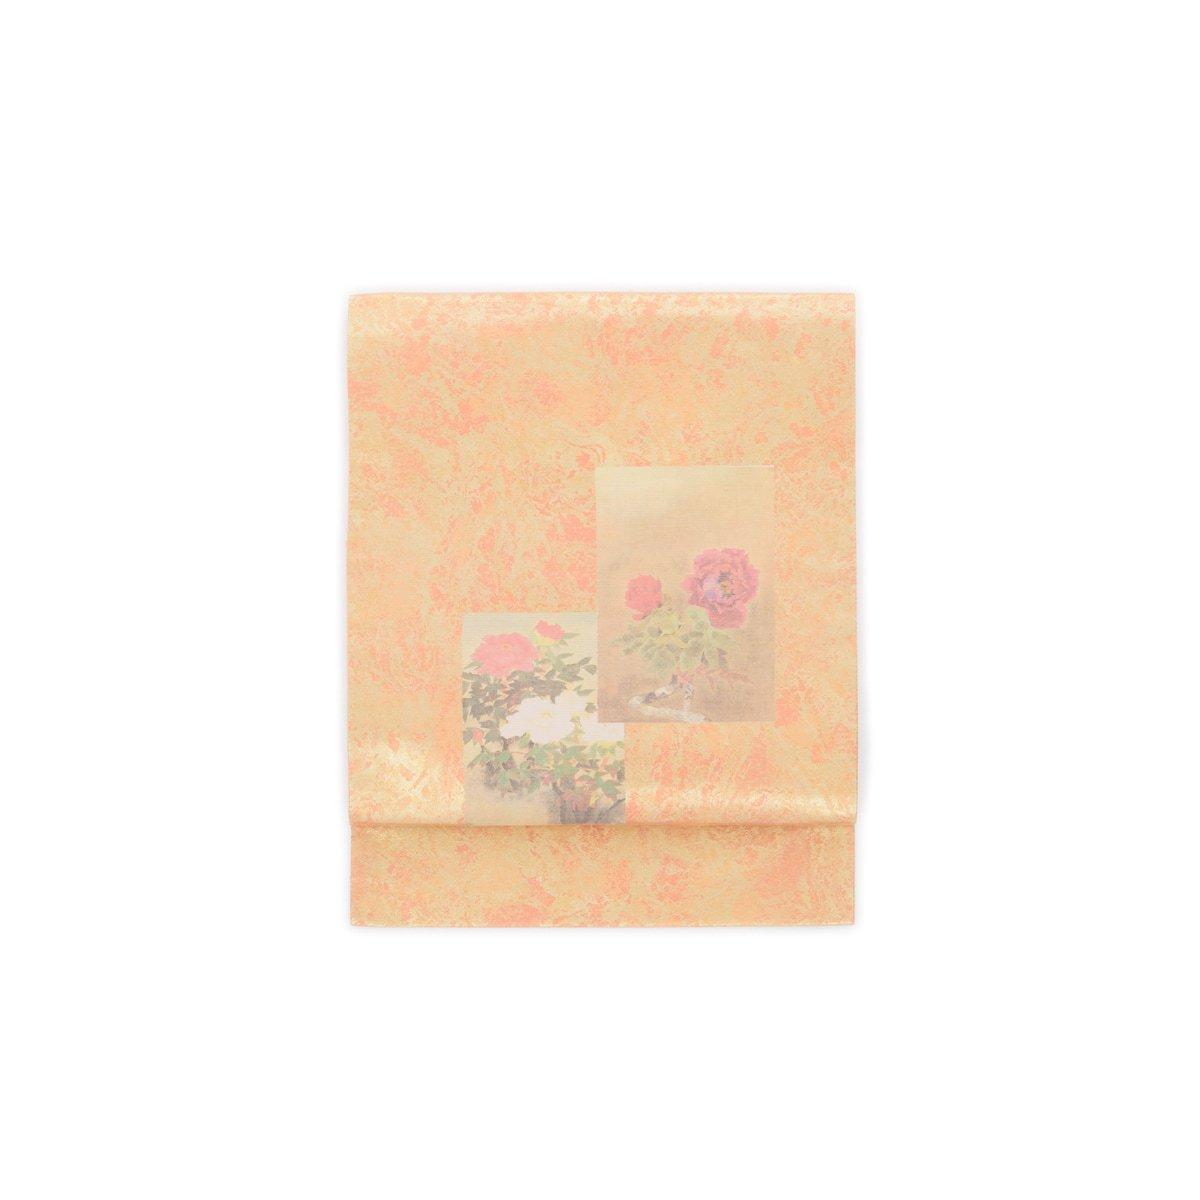 「大輪牡丹 二枚の絵」の商品画像